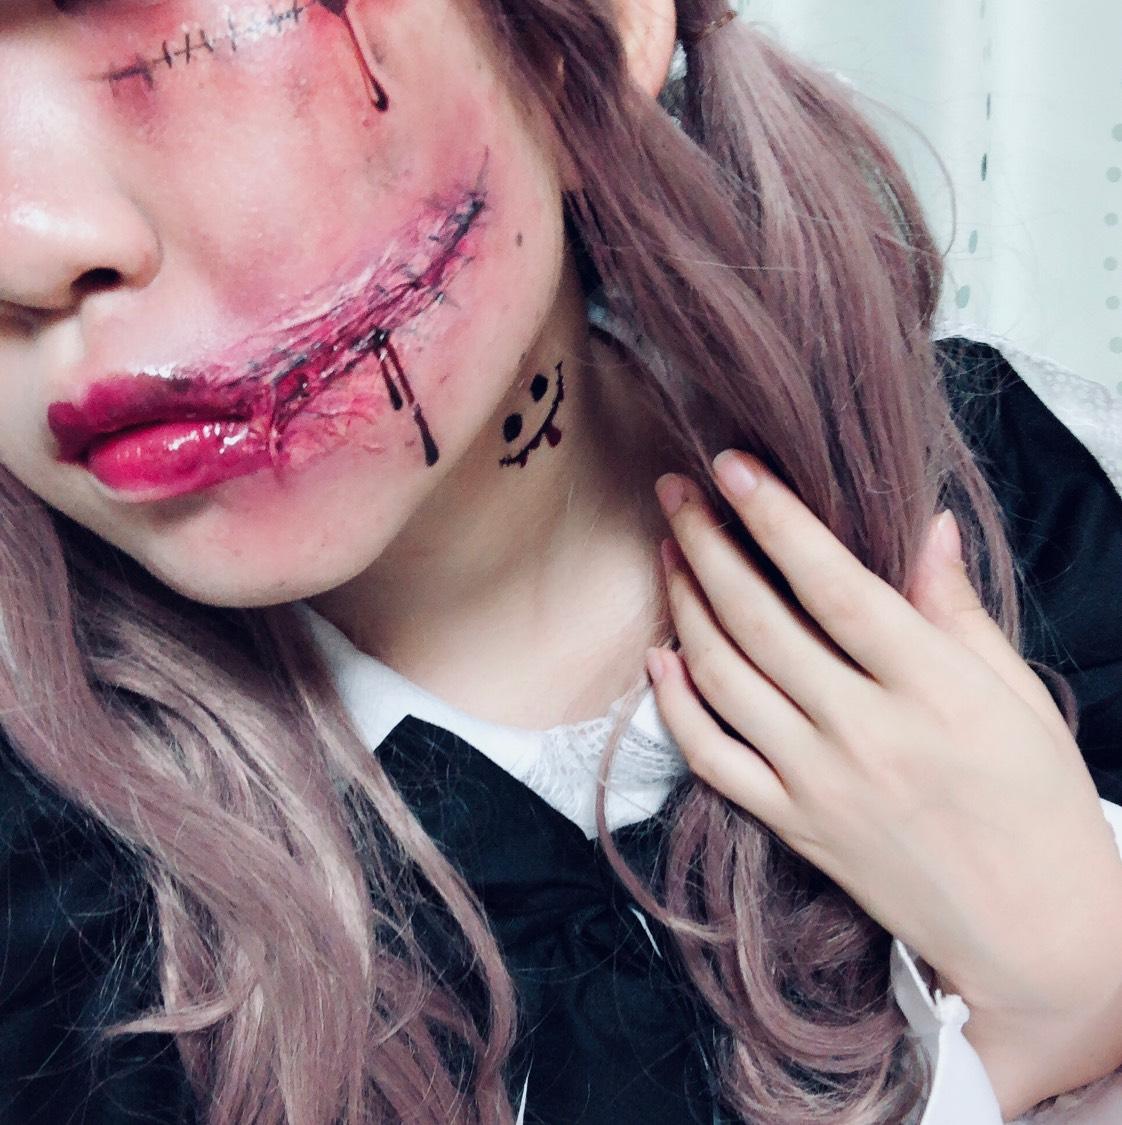 リアルさを出すコツとしては、 赤黒いダークなレッドを使うこと。 傷口の周りは青みのある紫系のシャドウで痛々しくさせ、 その所々を黒のシャドウで汚れ感を出します。 すると一気にリアルな傷ができます! あとは傷メイクのタトゥーシールを使って足りない部分は書き足しています♡